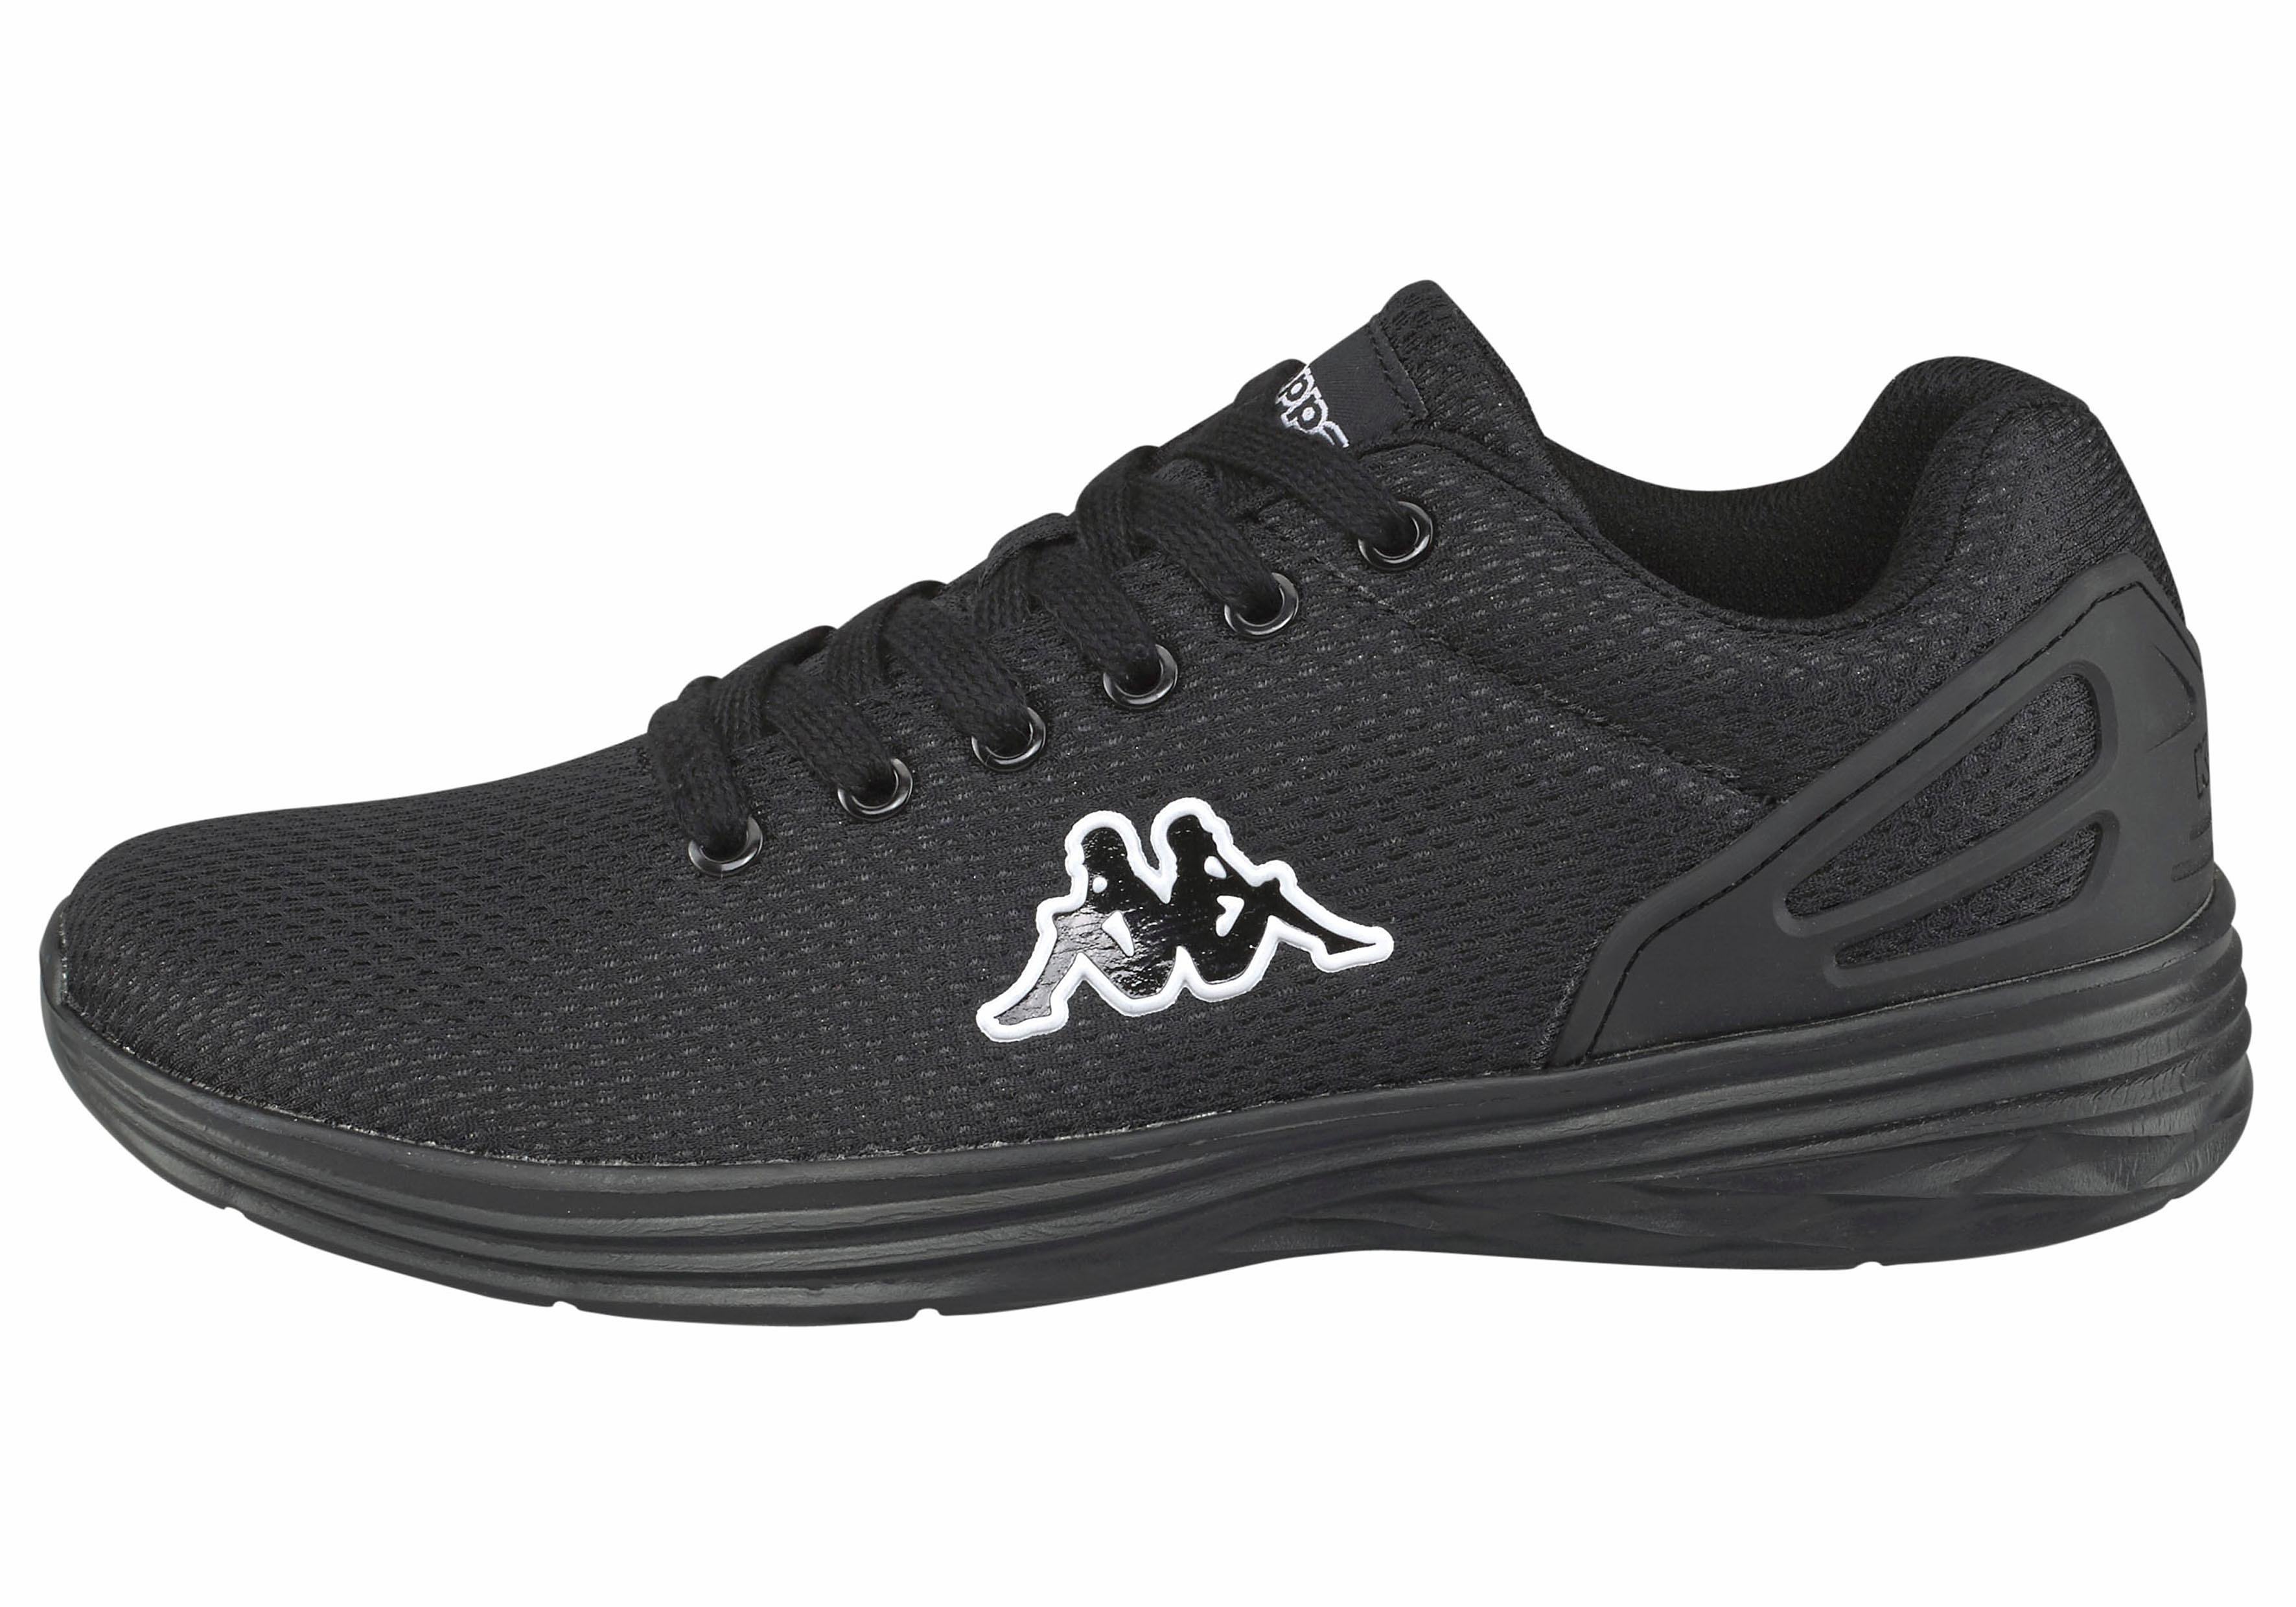 Online Sneakerstrust Online Gekocht Kappa Kappa Gekocht Snel Kappa Snel Sneakerstrust AR43L5j